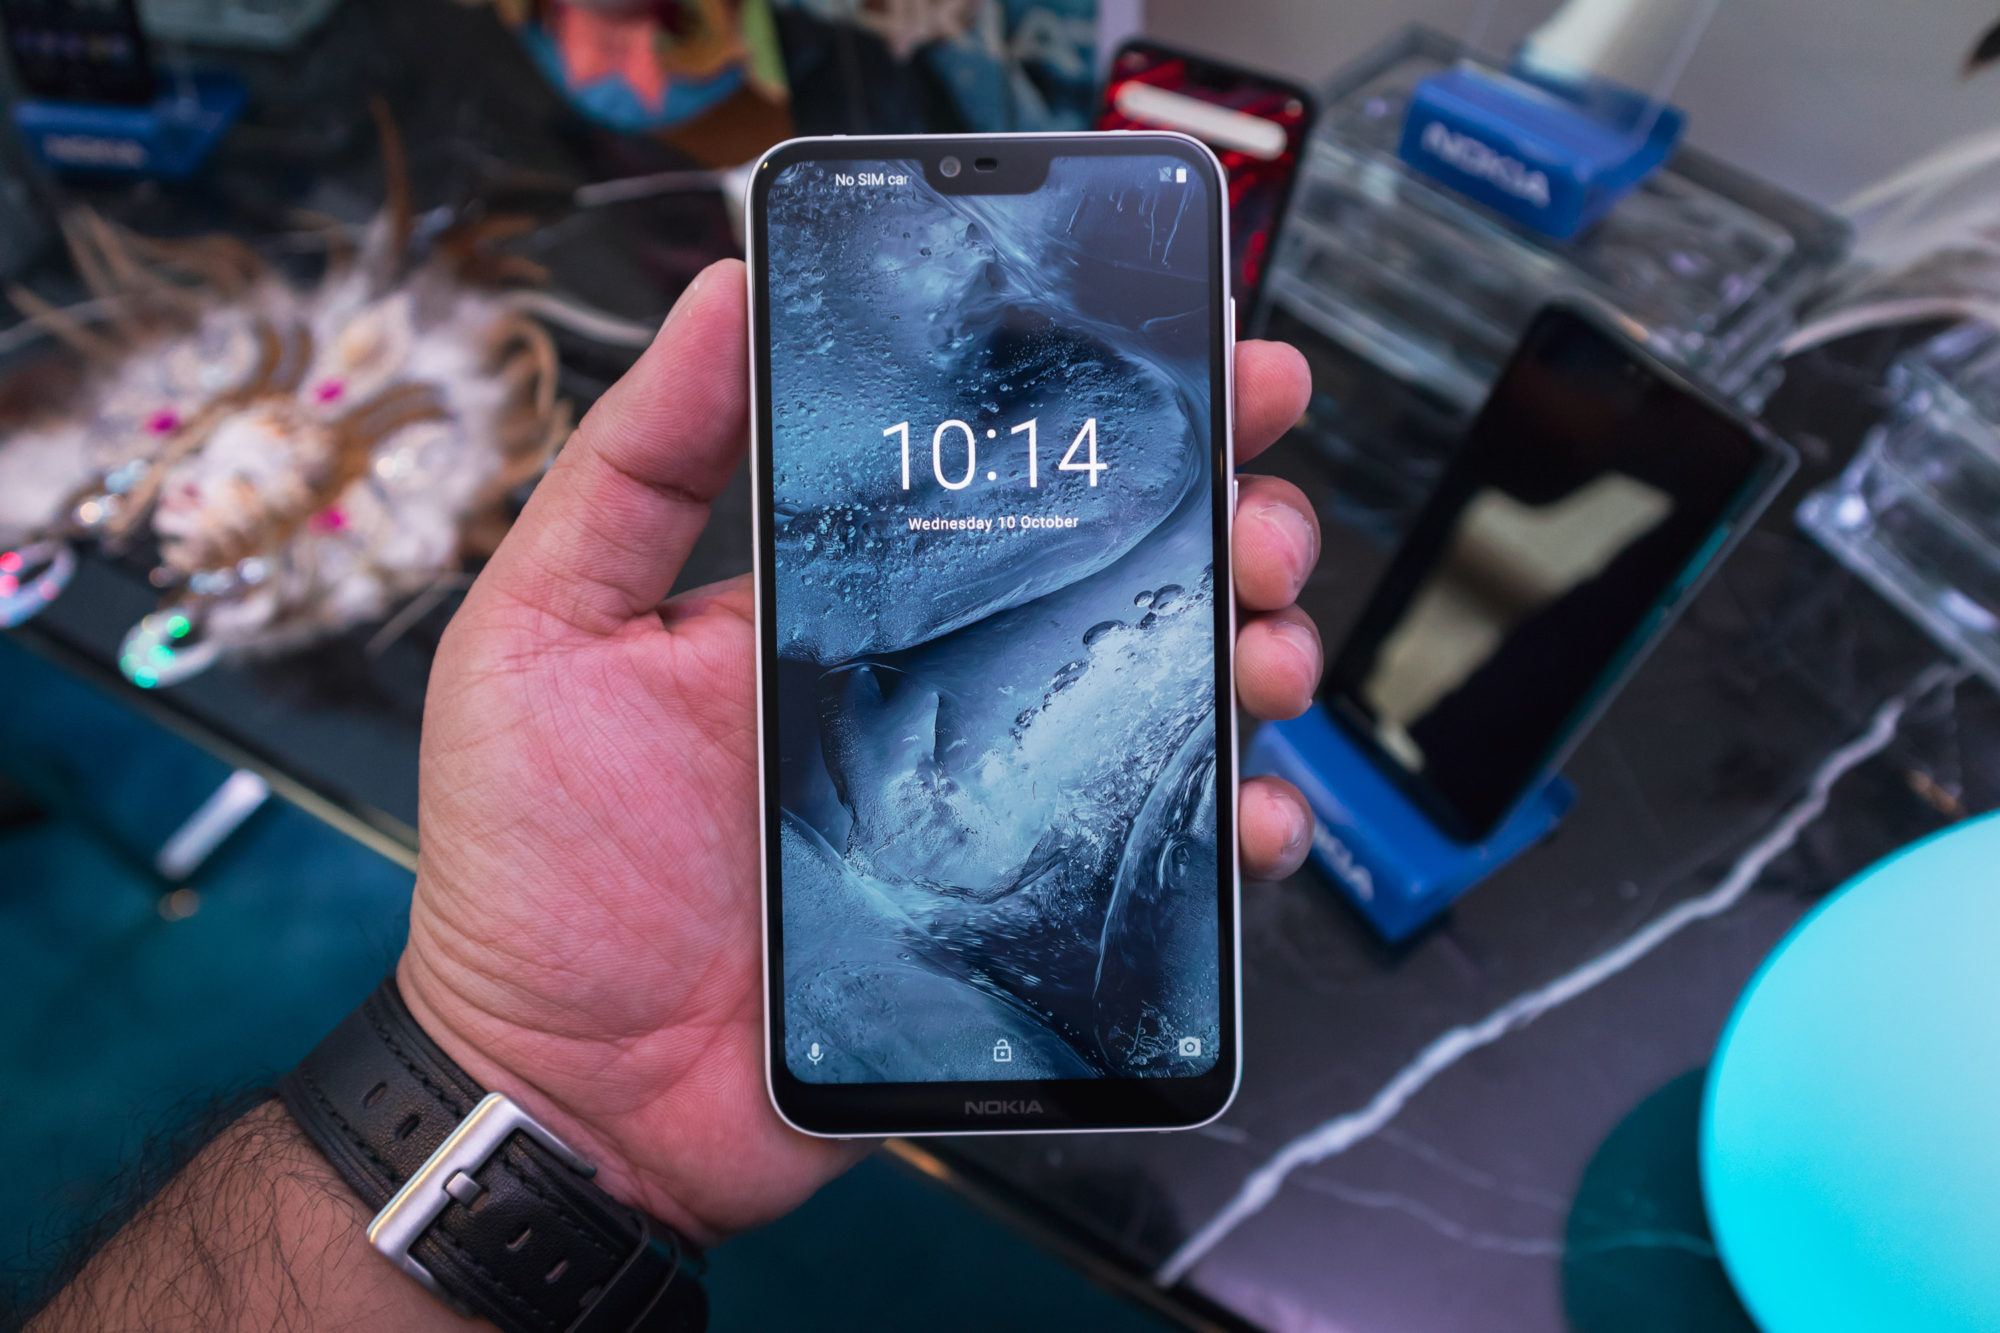 Nokia 6.1 Plus front